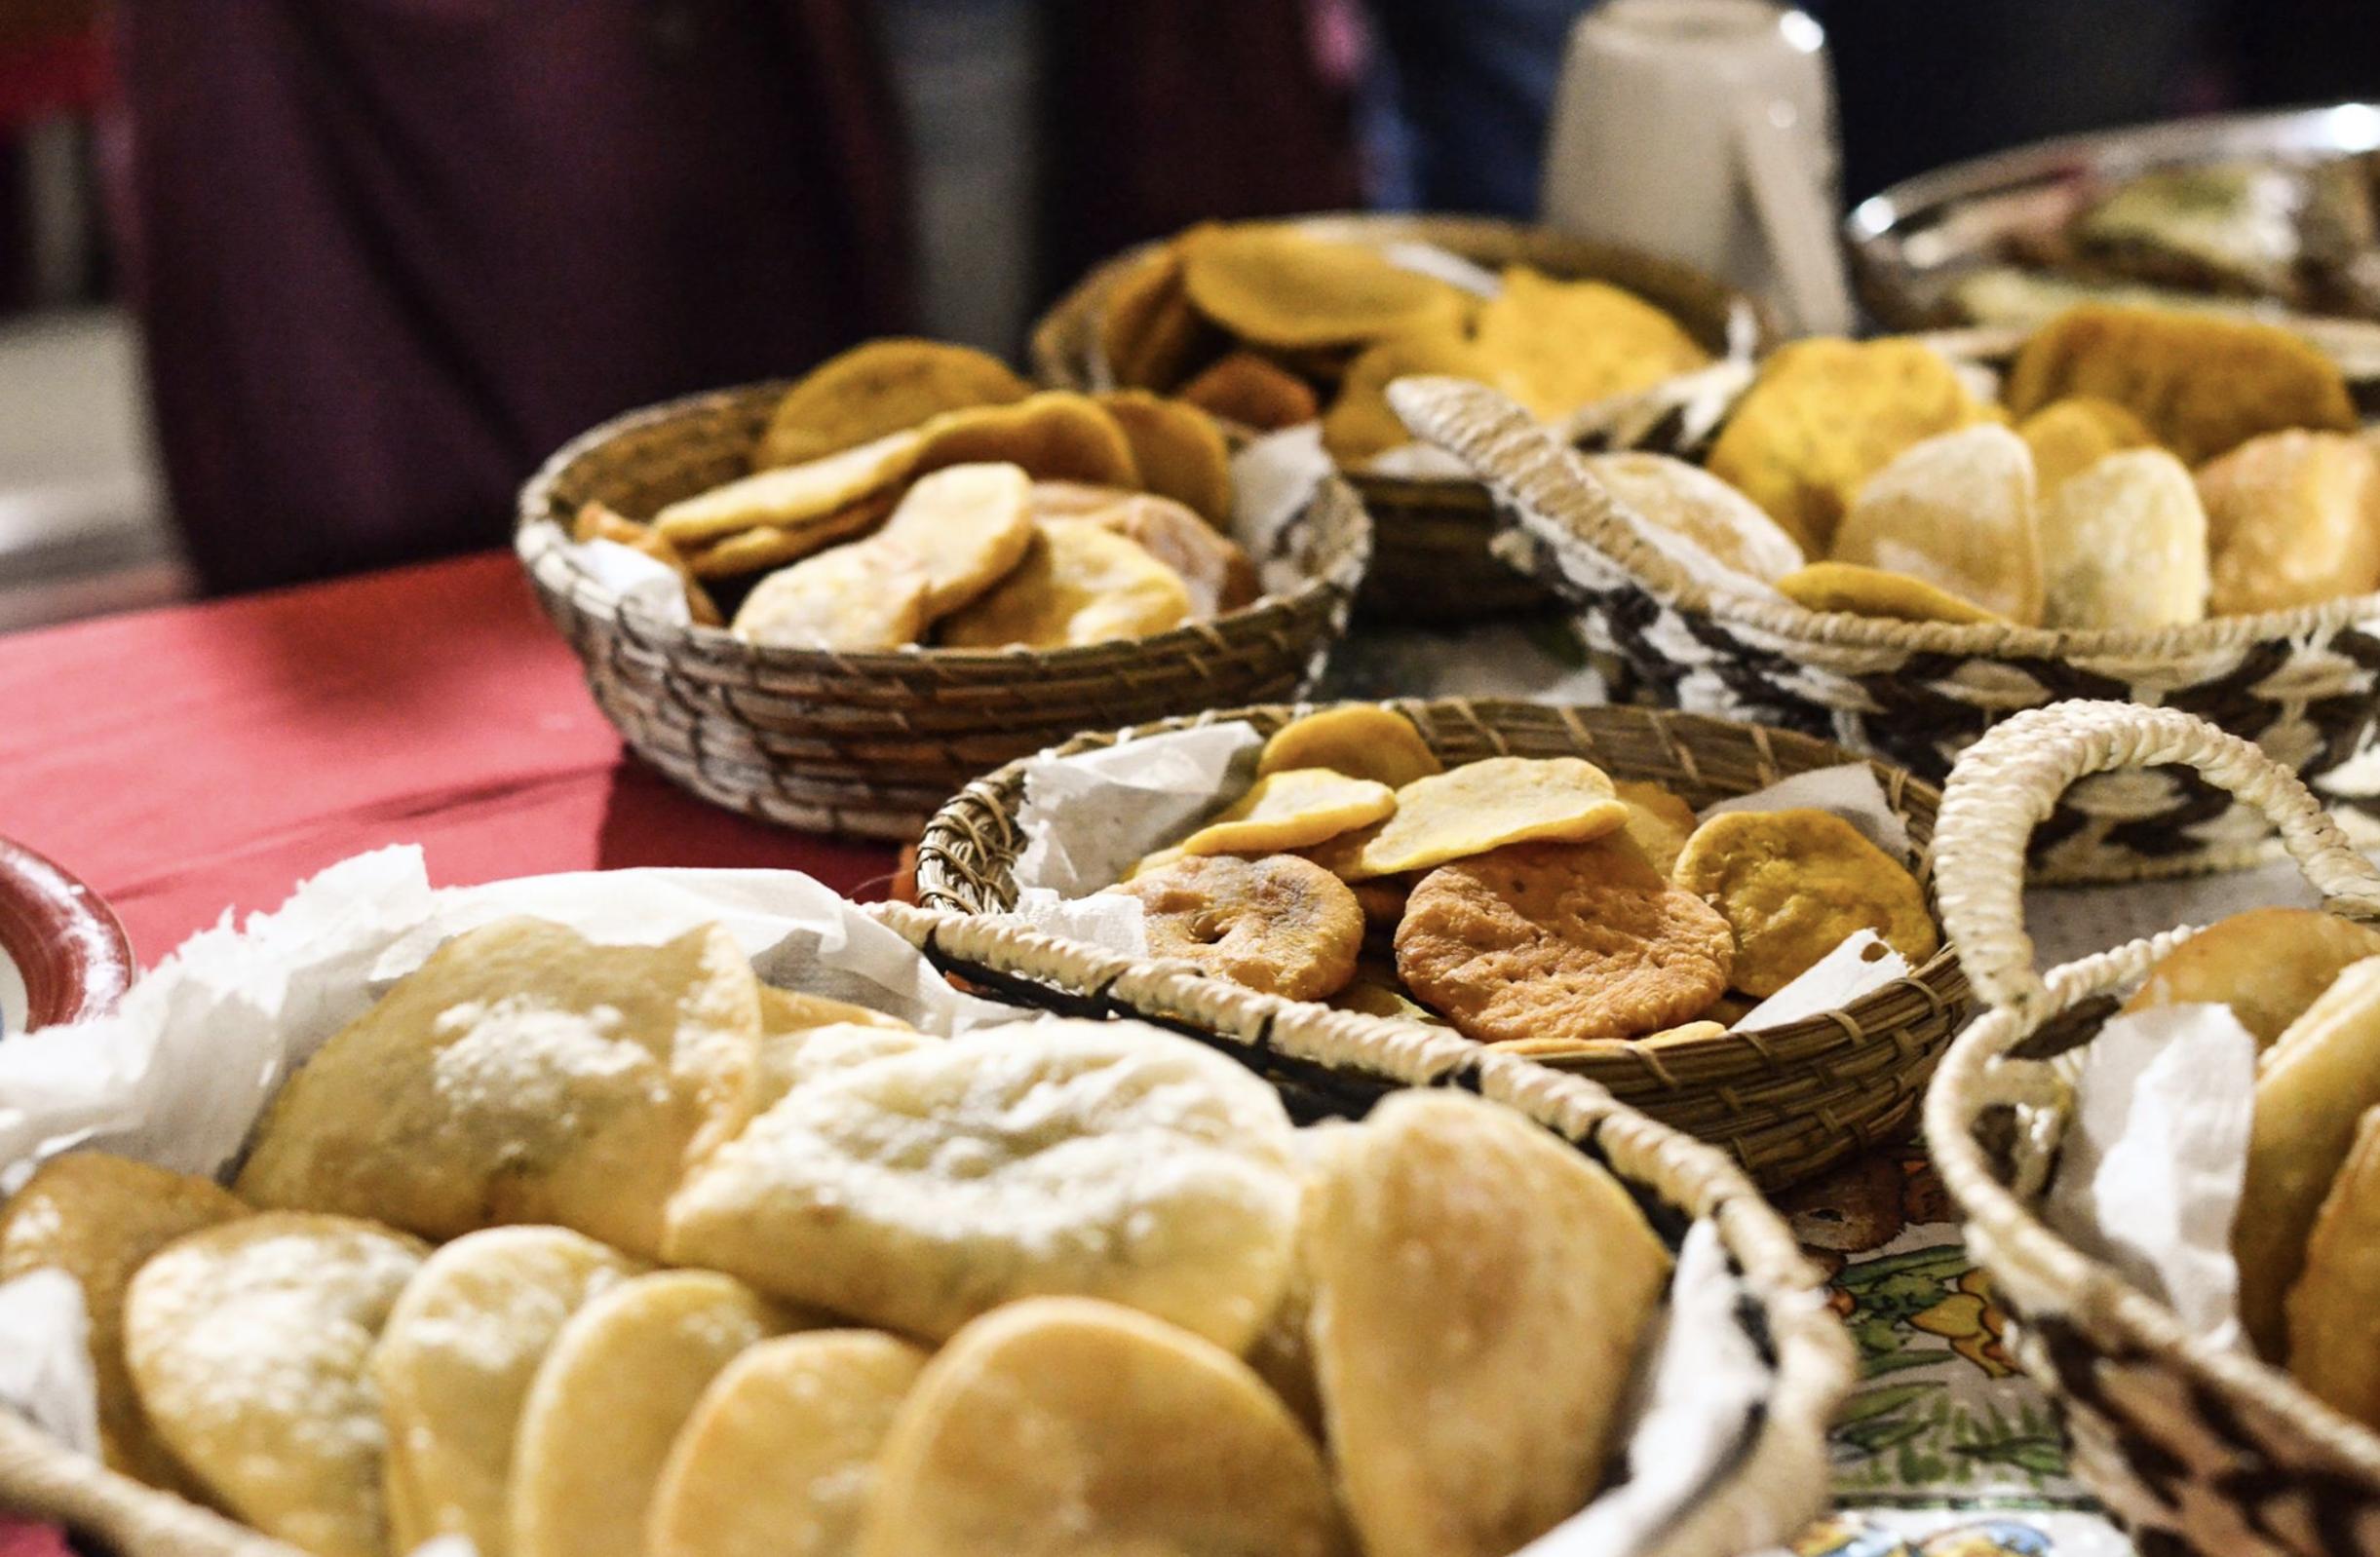 Podrás disfrutar de unos buenos desayunos, almuerzos y comidas durante toda la duración del programa, hechos por productores locales.